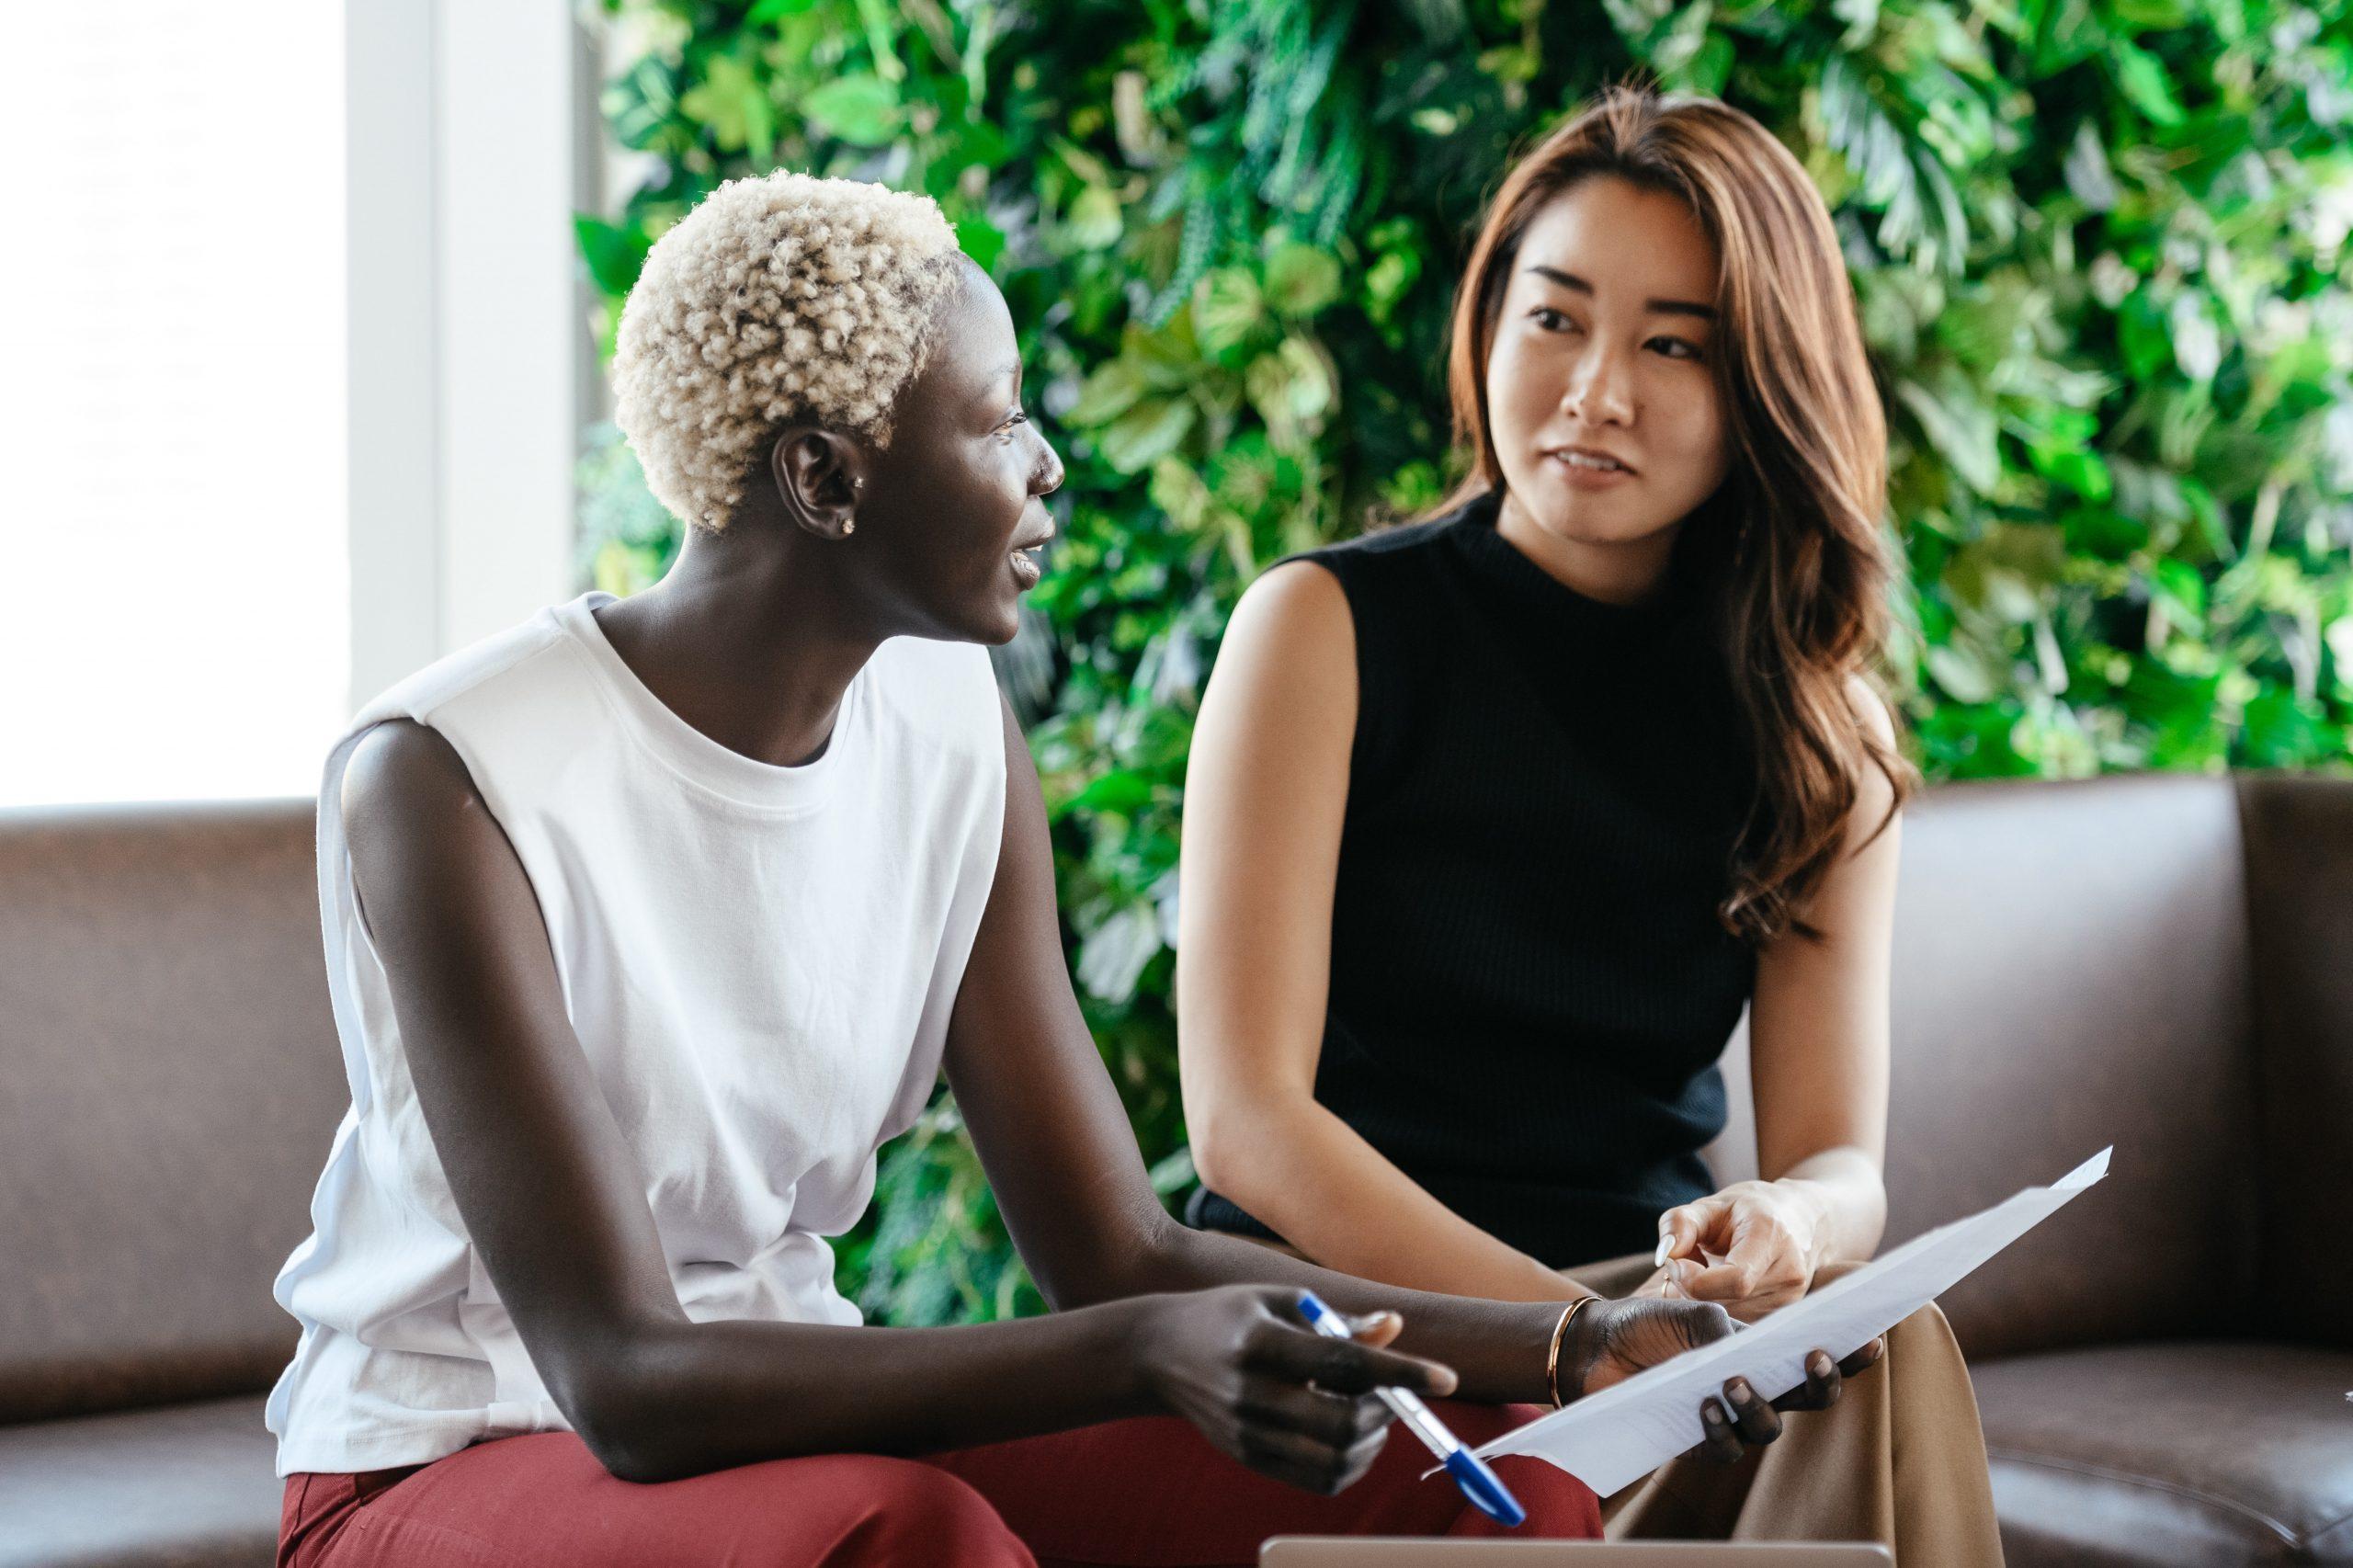 加拿大联邦创投移民项目(Start-Up Visa Program)旨在吸引有技术专长和创业潜能的企业家来加拿大投资创业和移民,推动经济发展并为本地居民创造更多就业机会。创投移民项目适合高科技公司创始人、高管和投资人,允许多个创业者共同申请。申请周期大约12-16个月(申请时间及流程仅供参考,以移民局实际审批时间为准)。